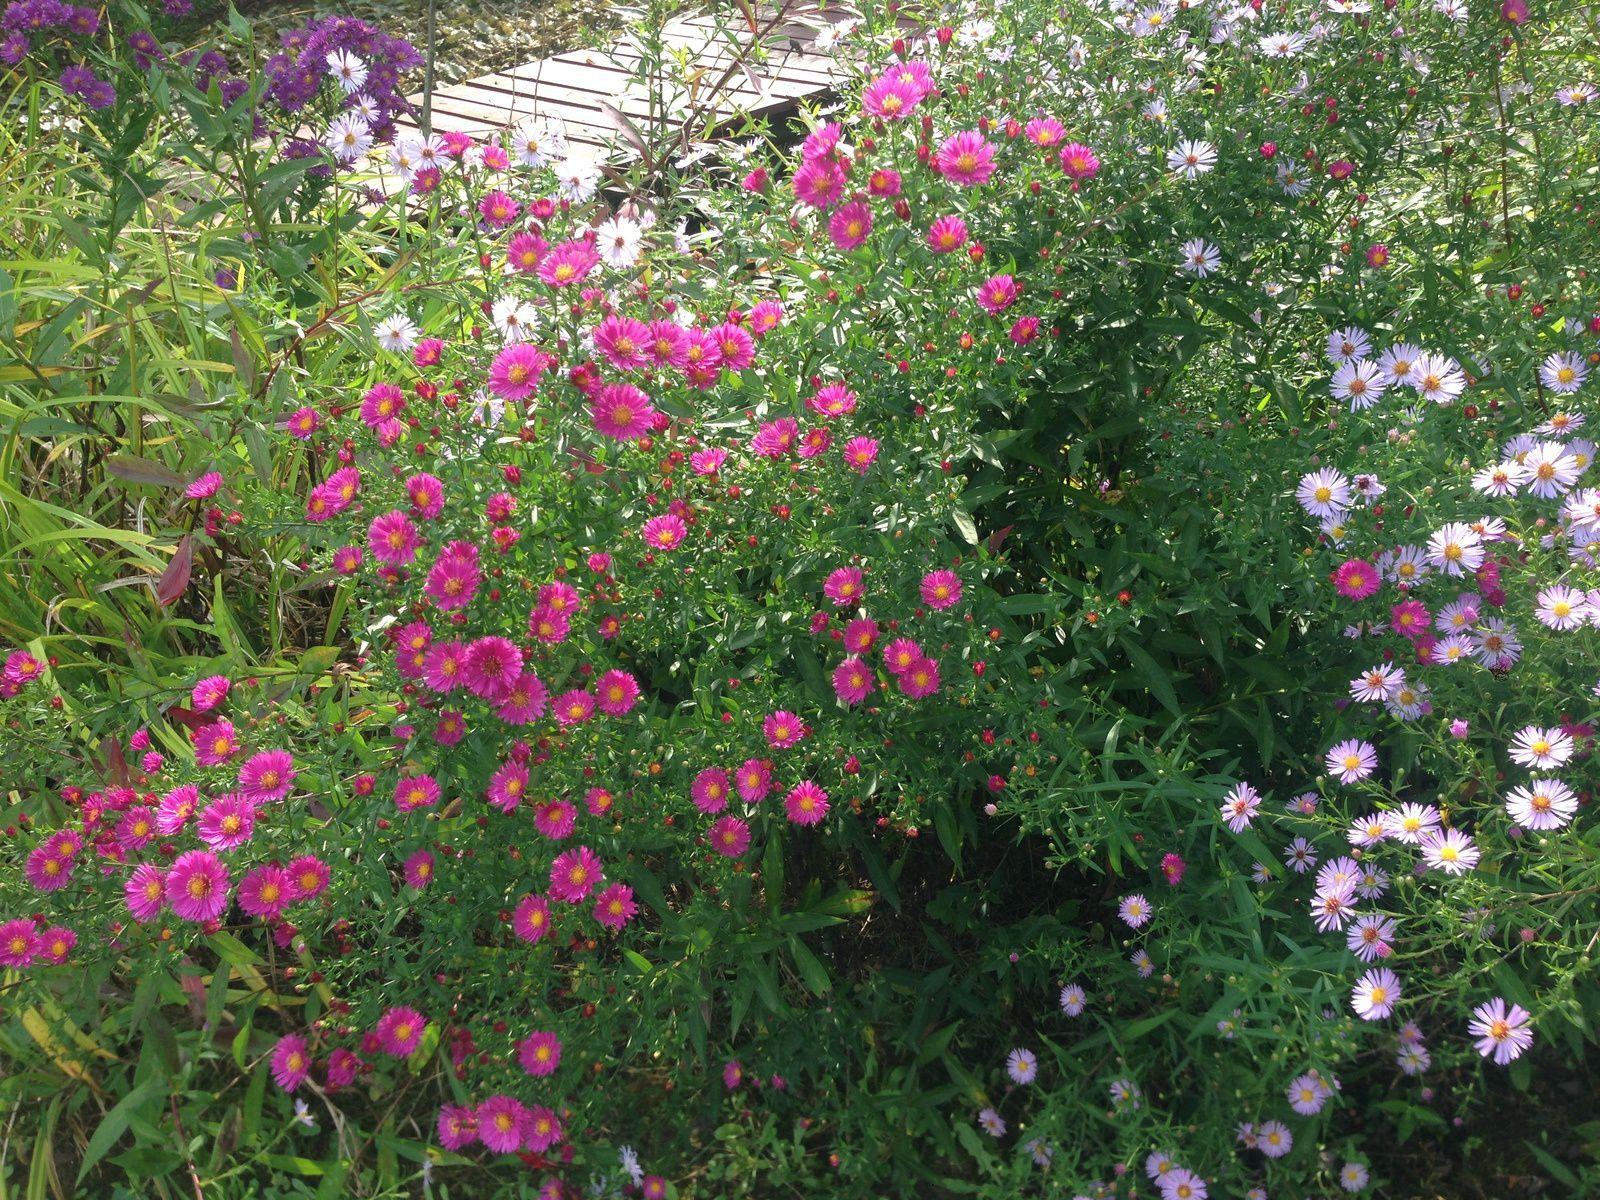 le bon coin jardinage 73 finest neufs les marches with le bon coin jardinage 73 perfect jardin. Black Bedroom Furniture Sets. Home Design Ideas